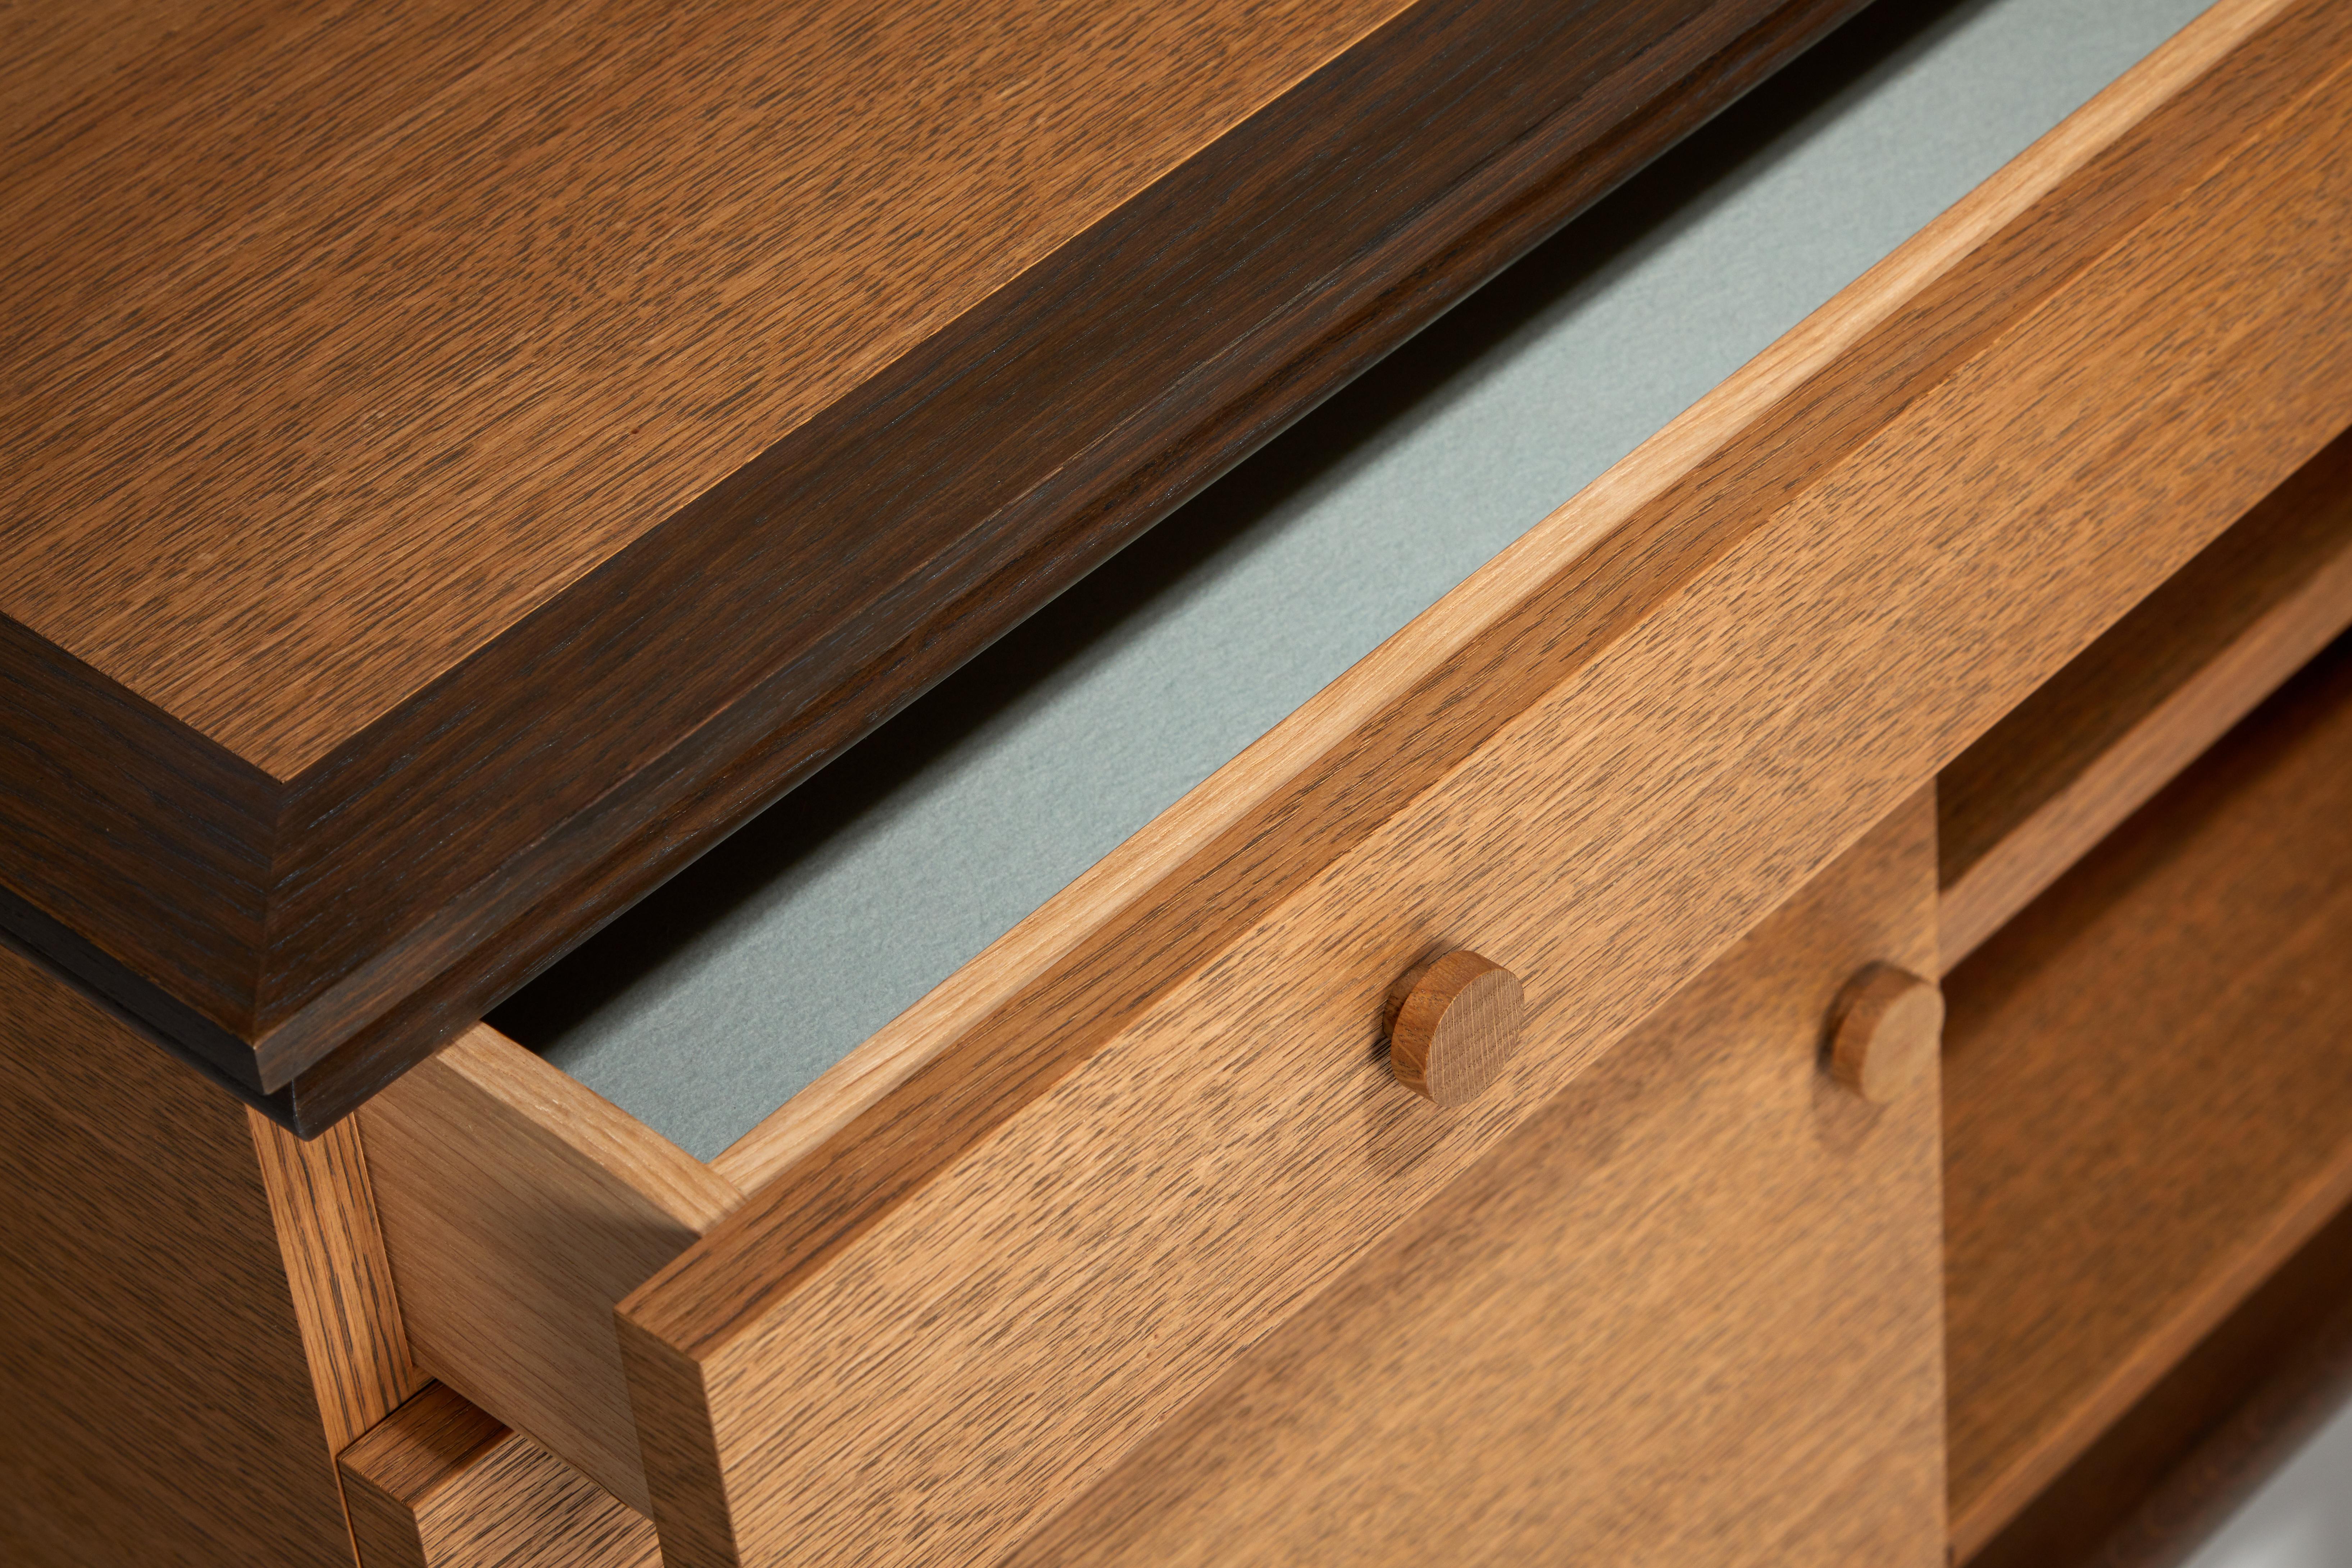 oak cabinet detail